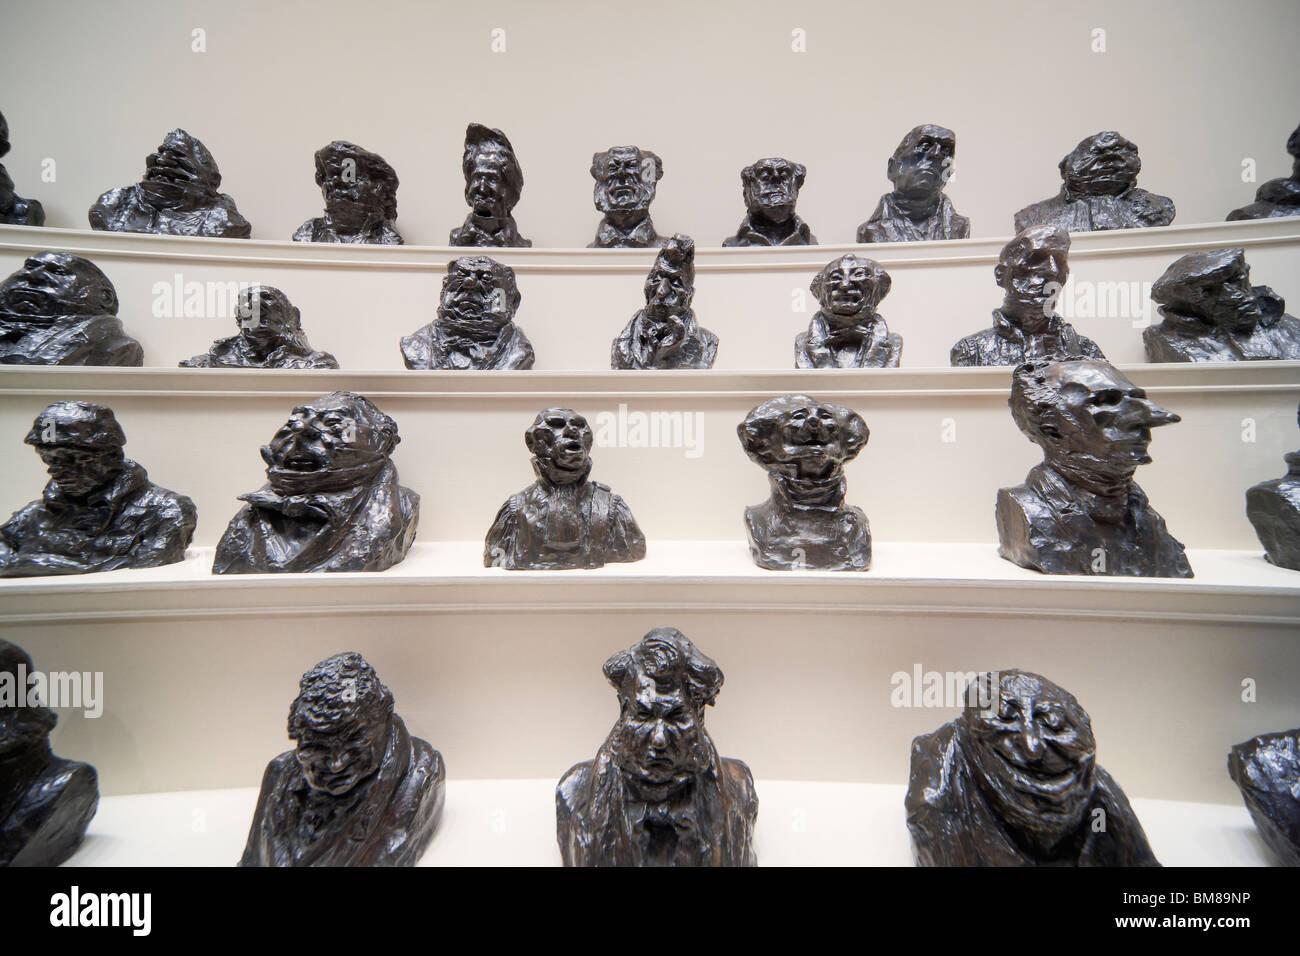 Washington DC National Gallery of Art. Anzeige einer Reihe von Bronze Abgüsse von Karikaturen von Politikern Stockbild